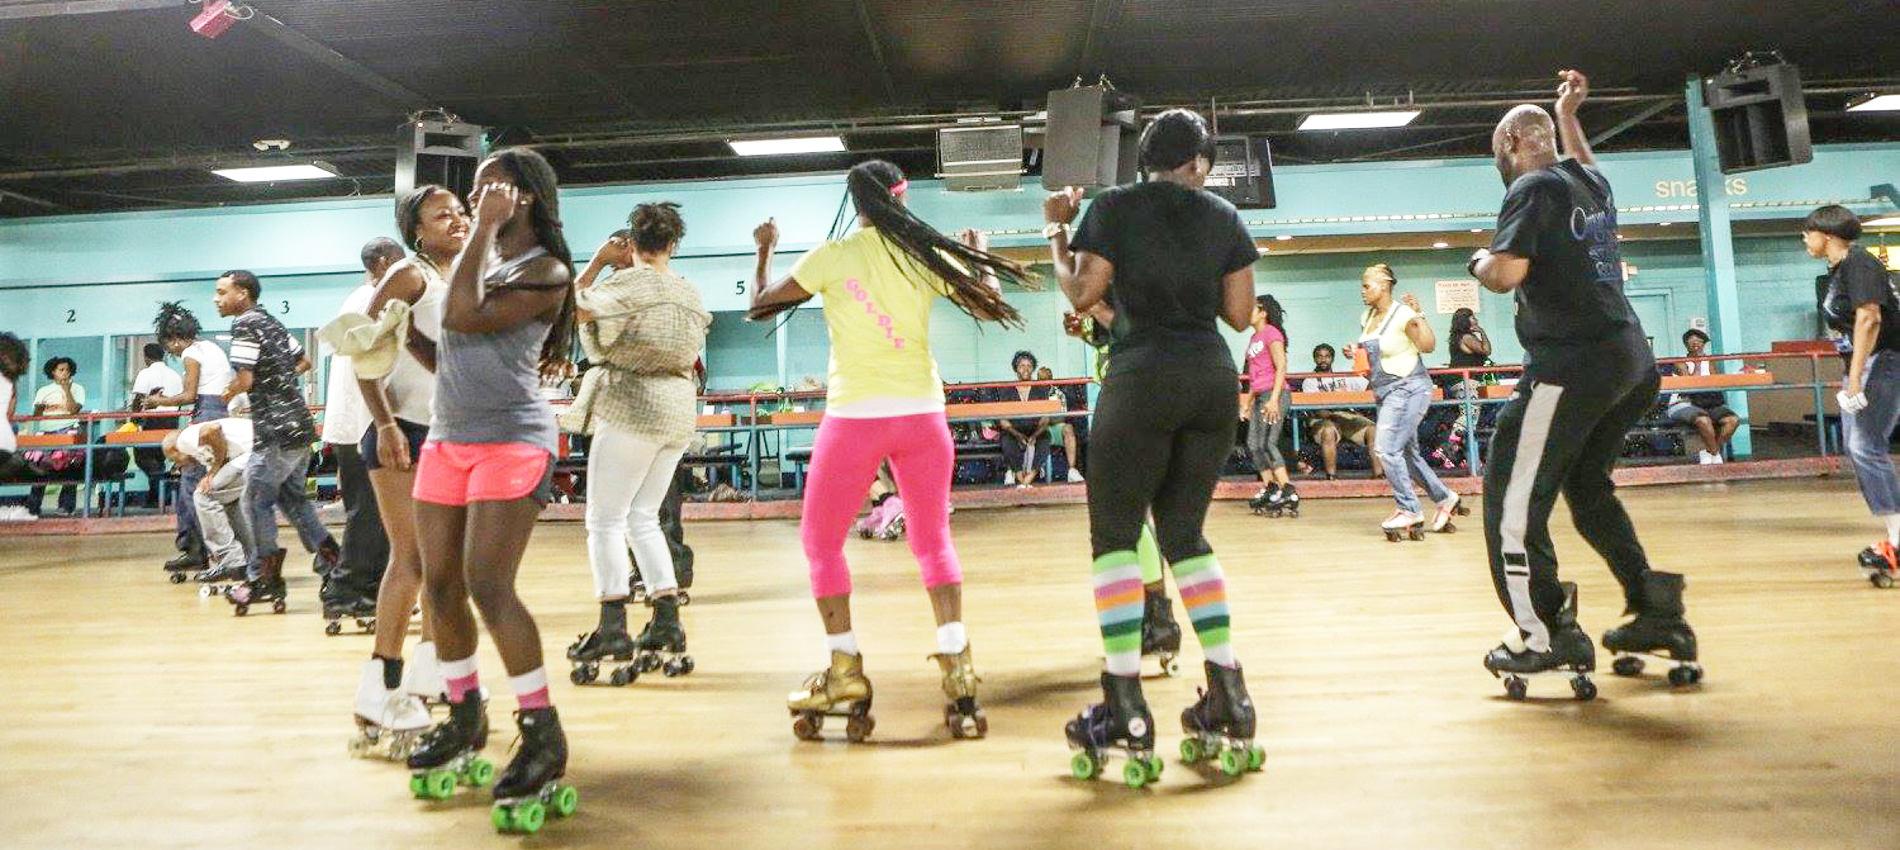 Roller skating rink oakville - Stlfinest16b Jpg